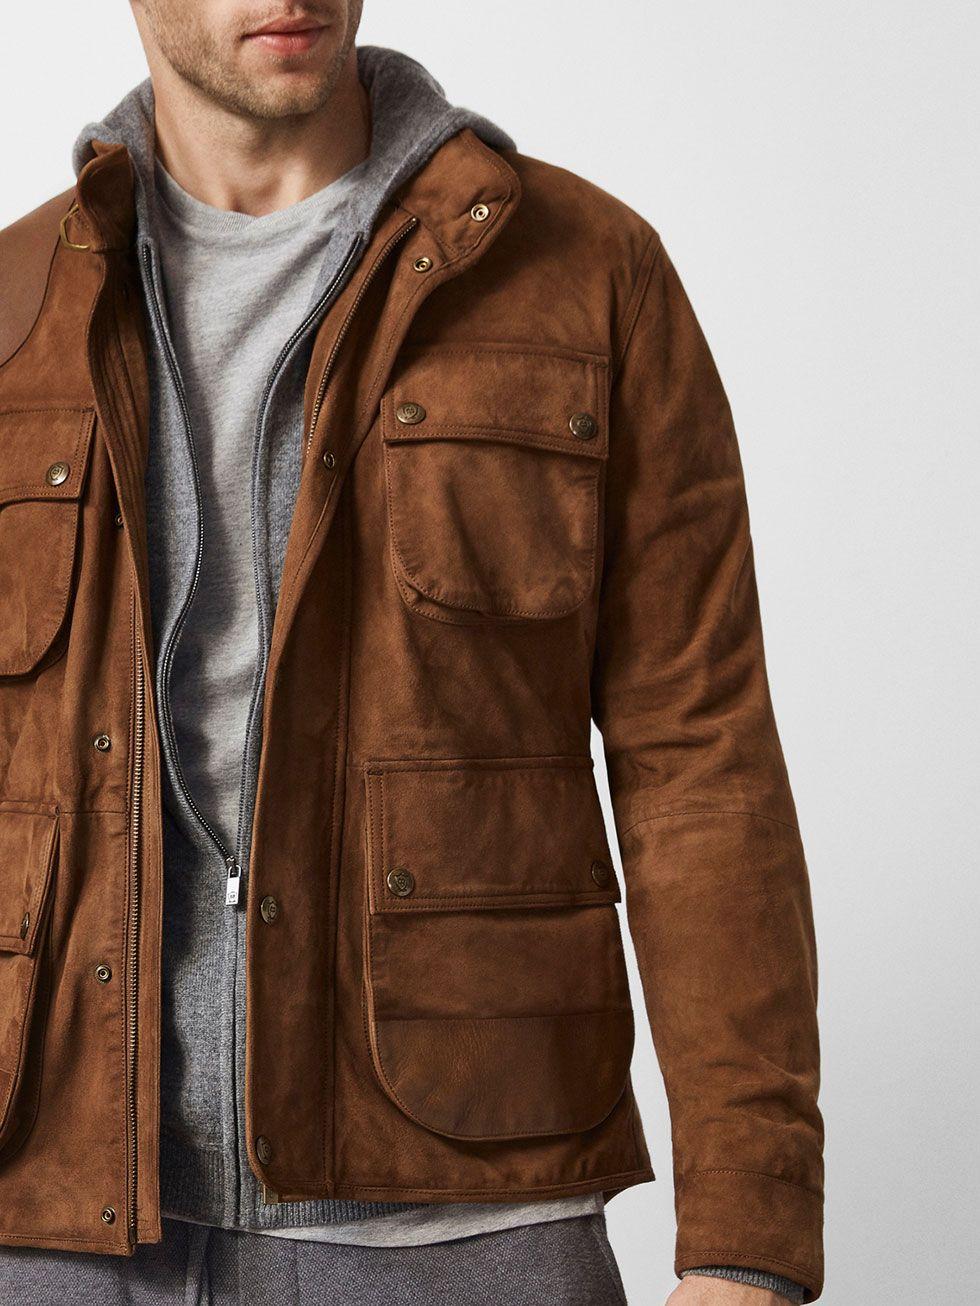 Jackets Men Massimo Dutti Leather Jacket Outfit Men Mens Outfits Leather Jacket Men [ 1306 x 980 Pixel ]